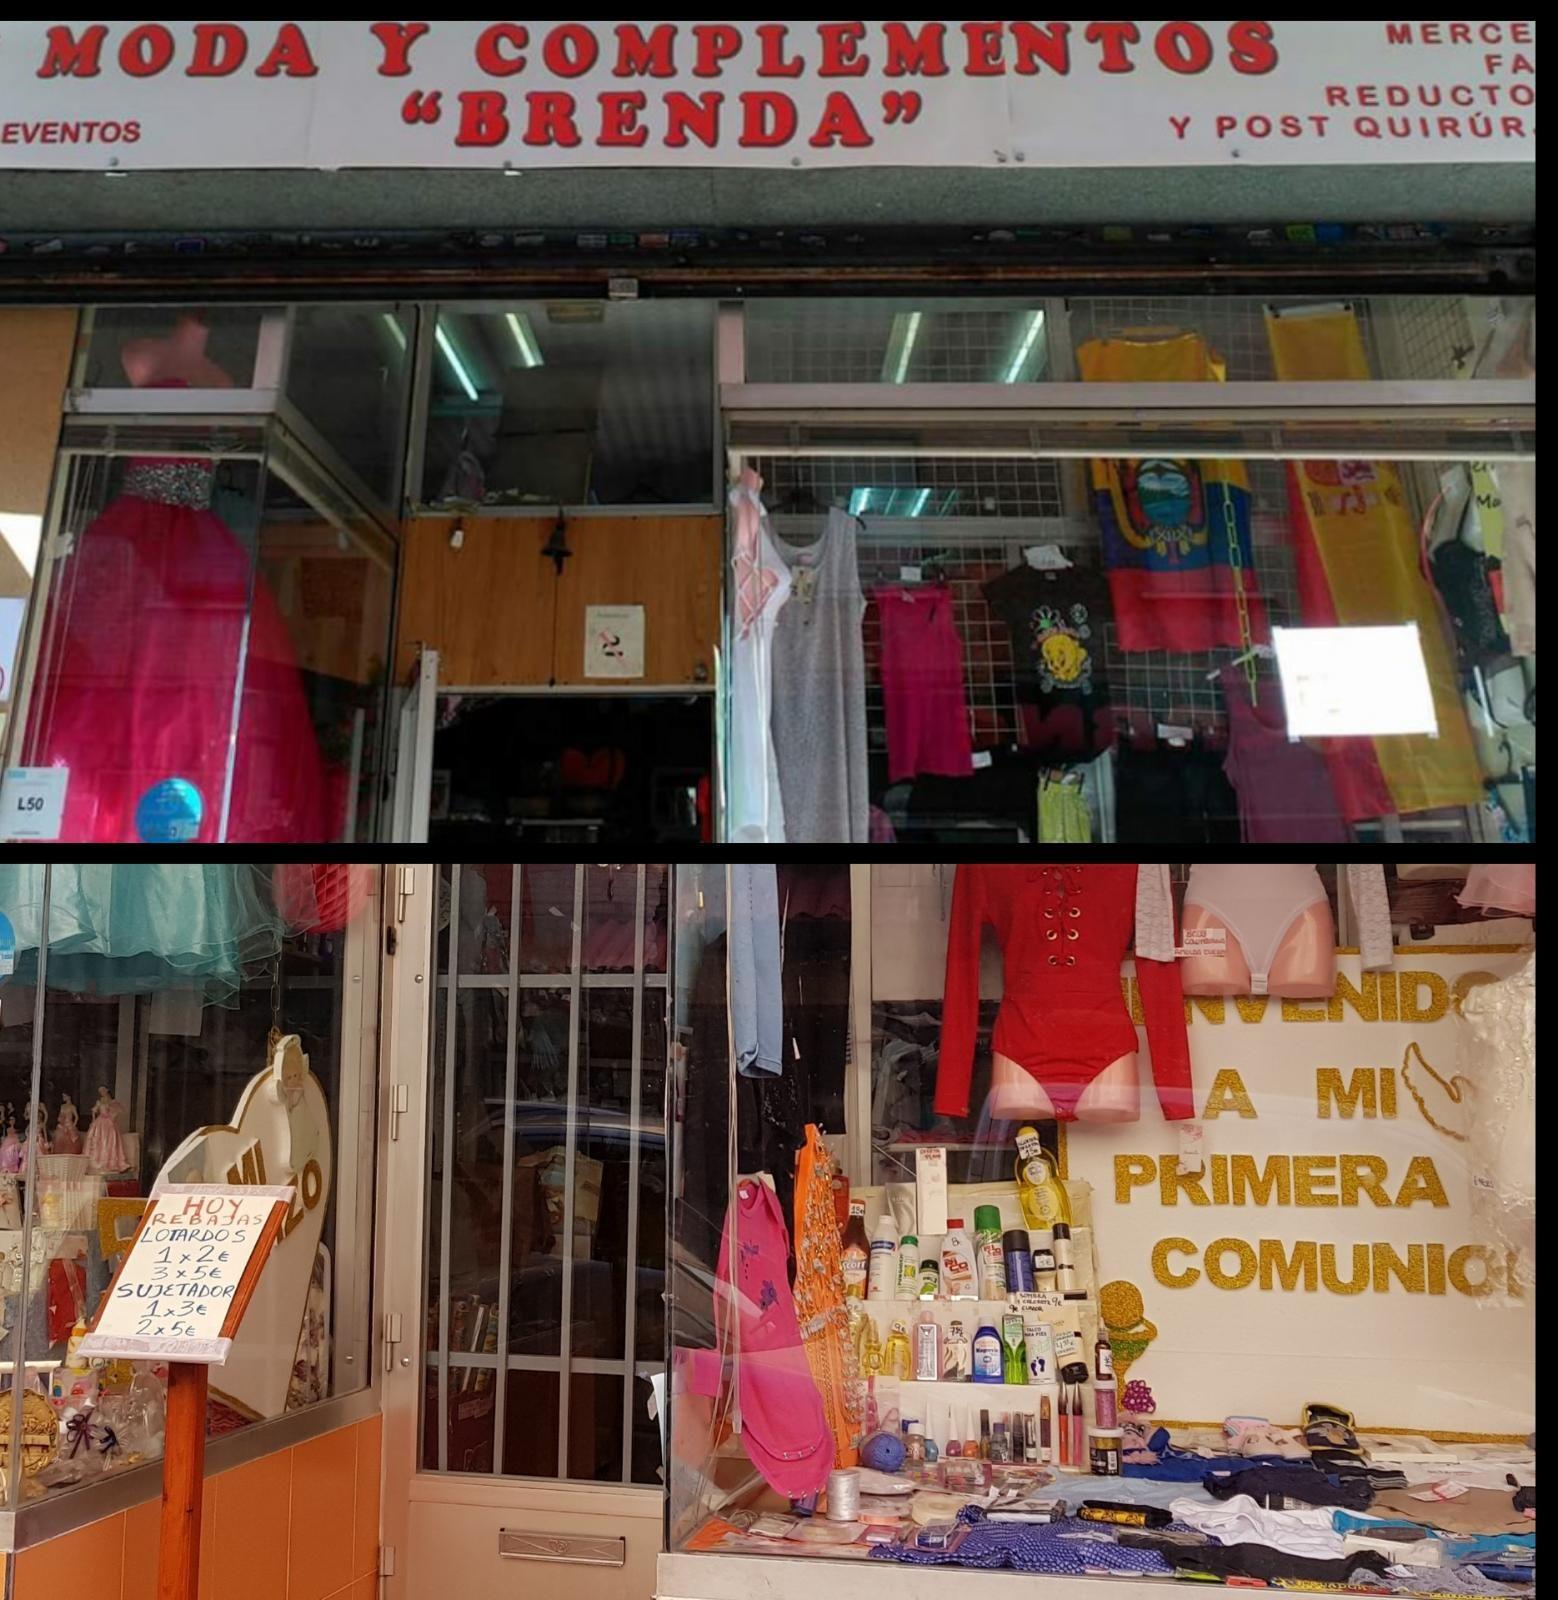 Moda y Complementos en Madrid